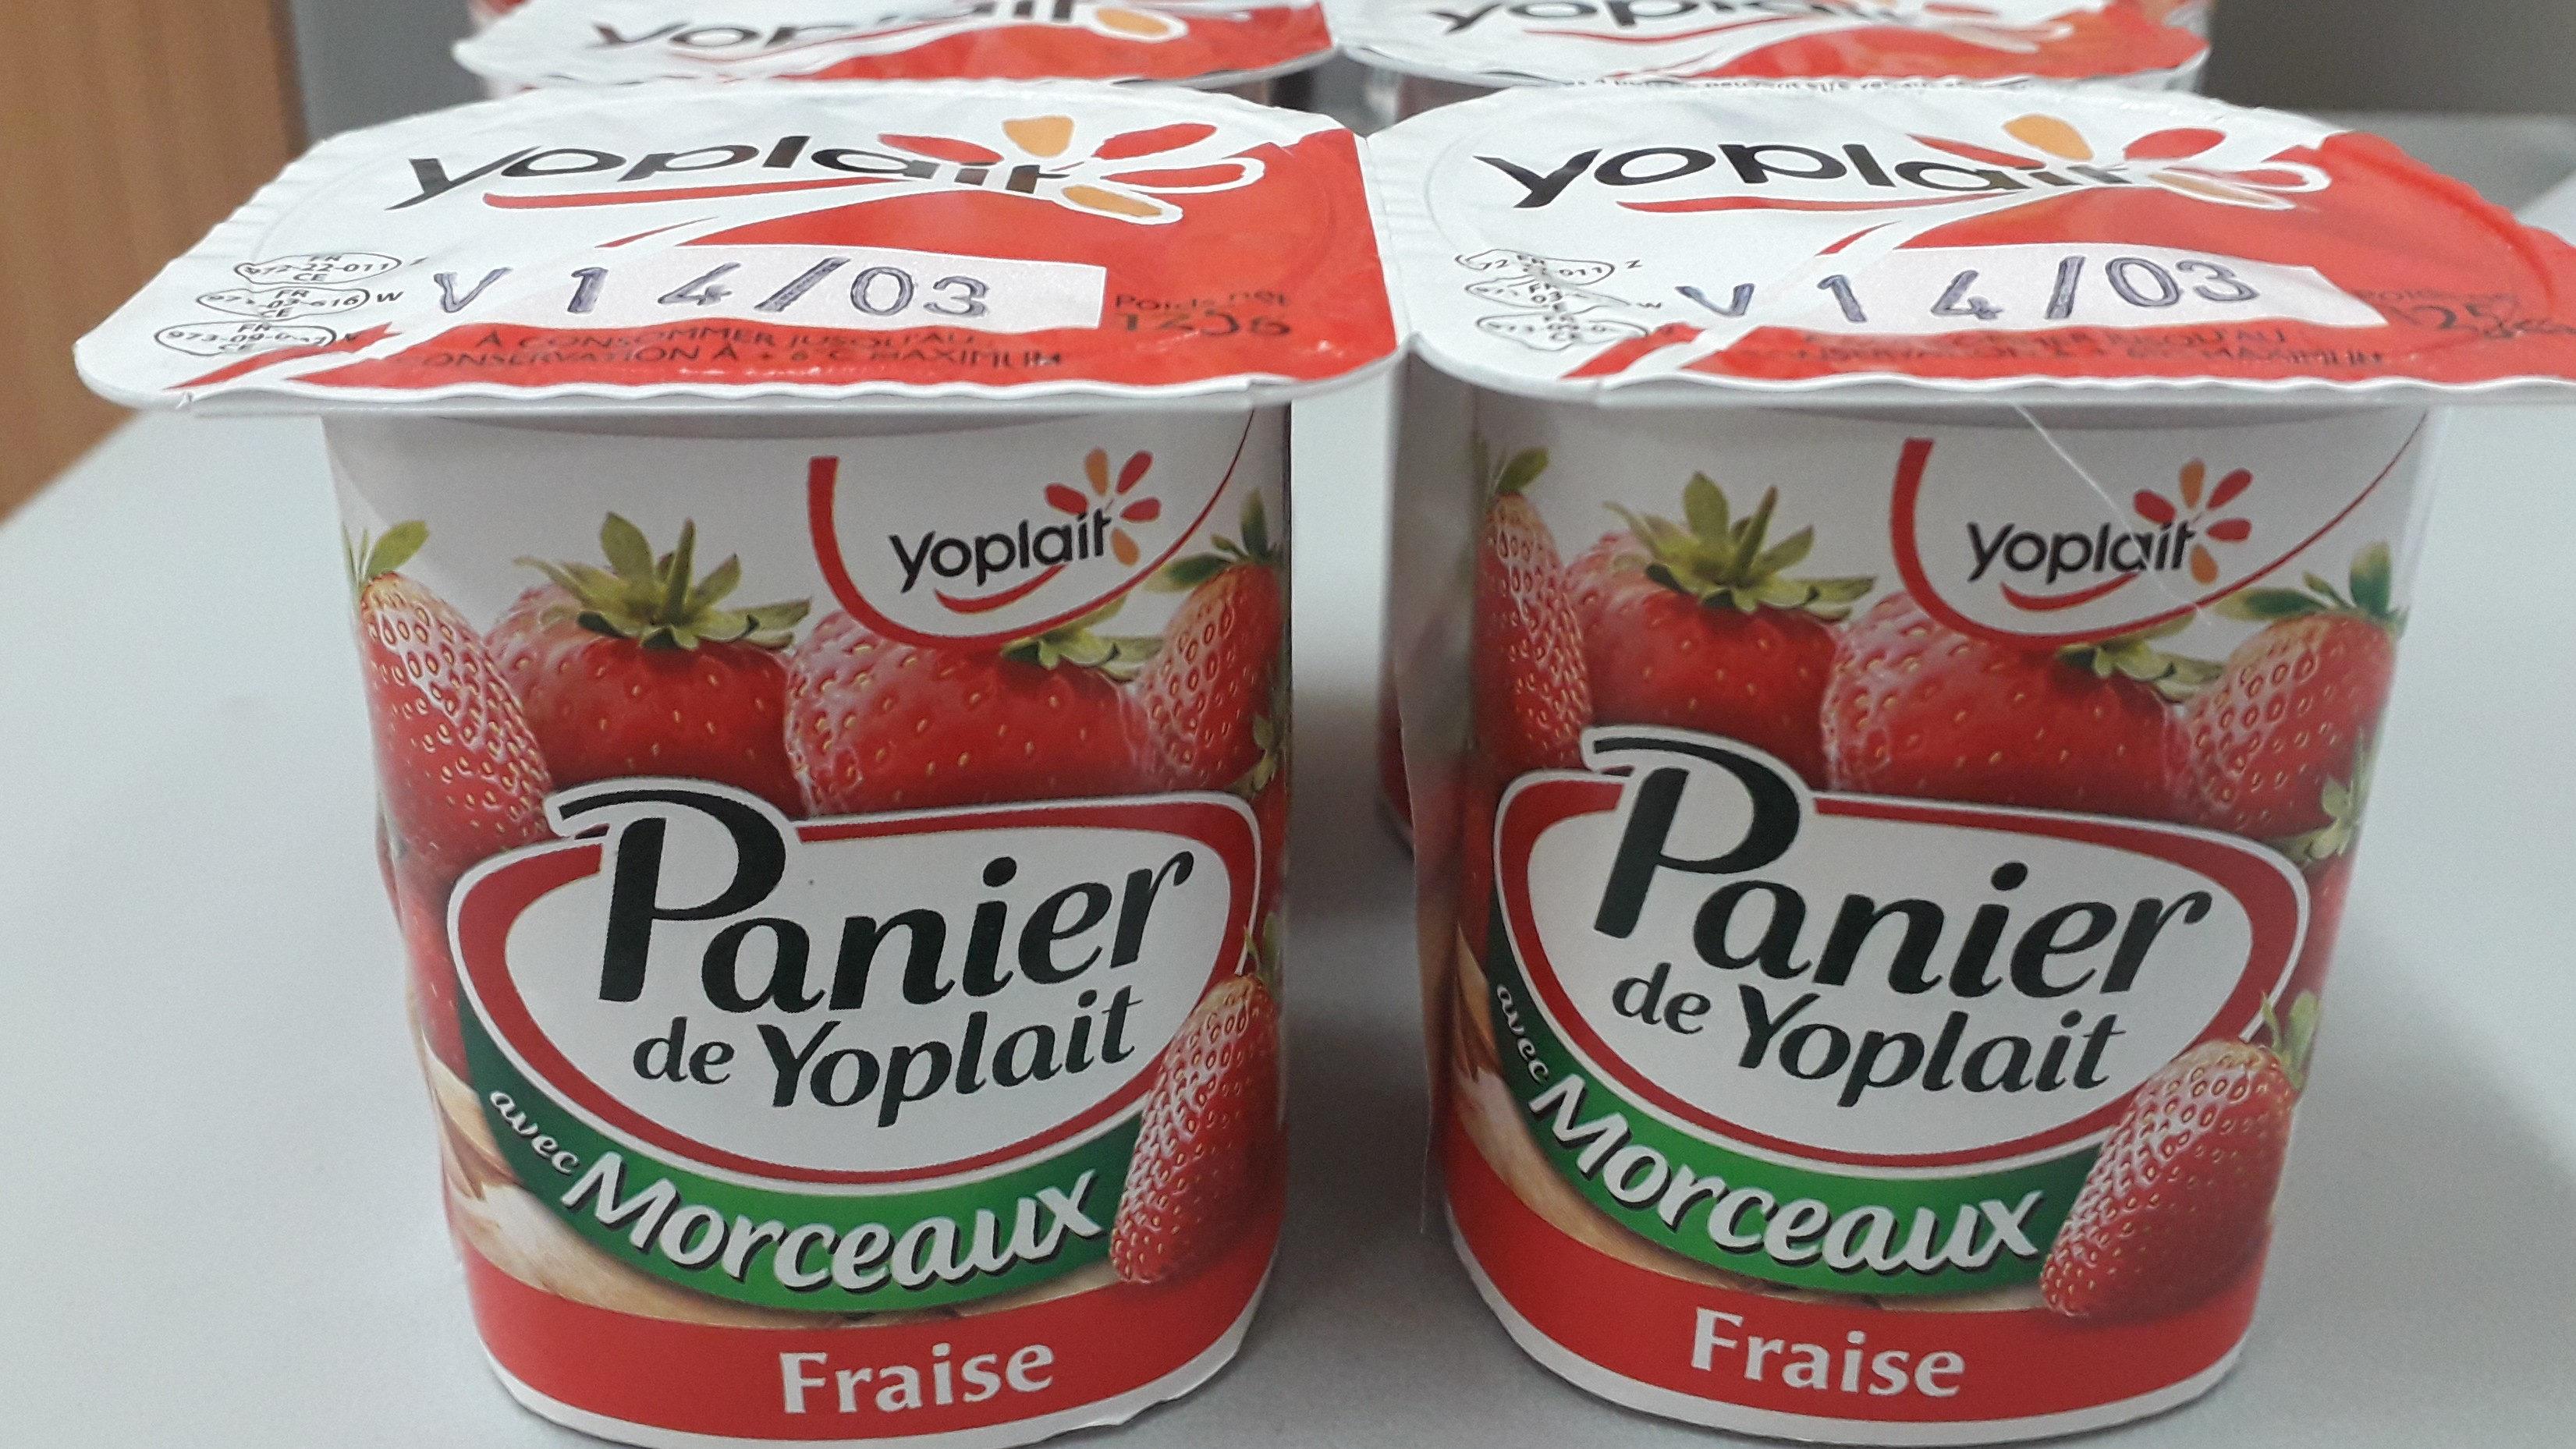 Panier de Yoplait avec Morceaux Fraise - Prodotto - fr